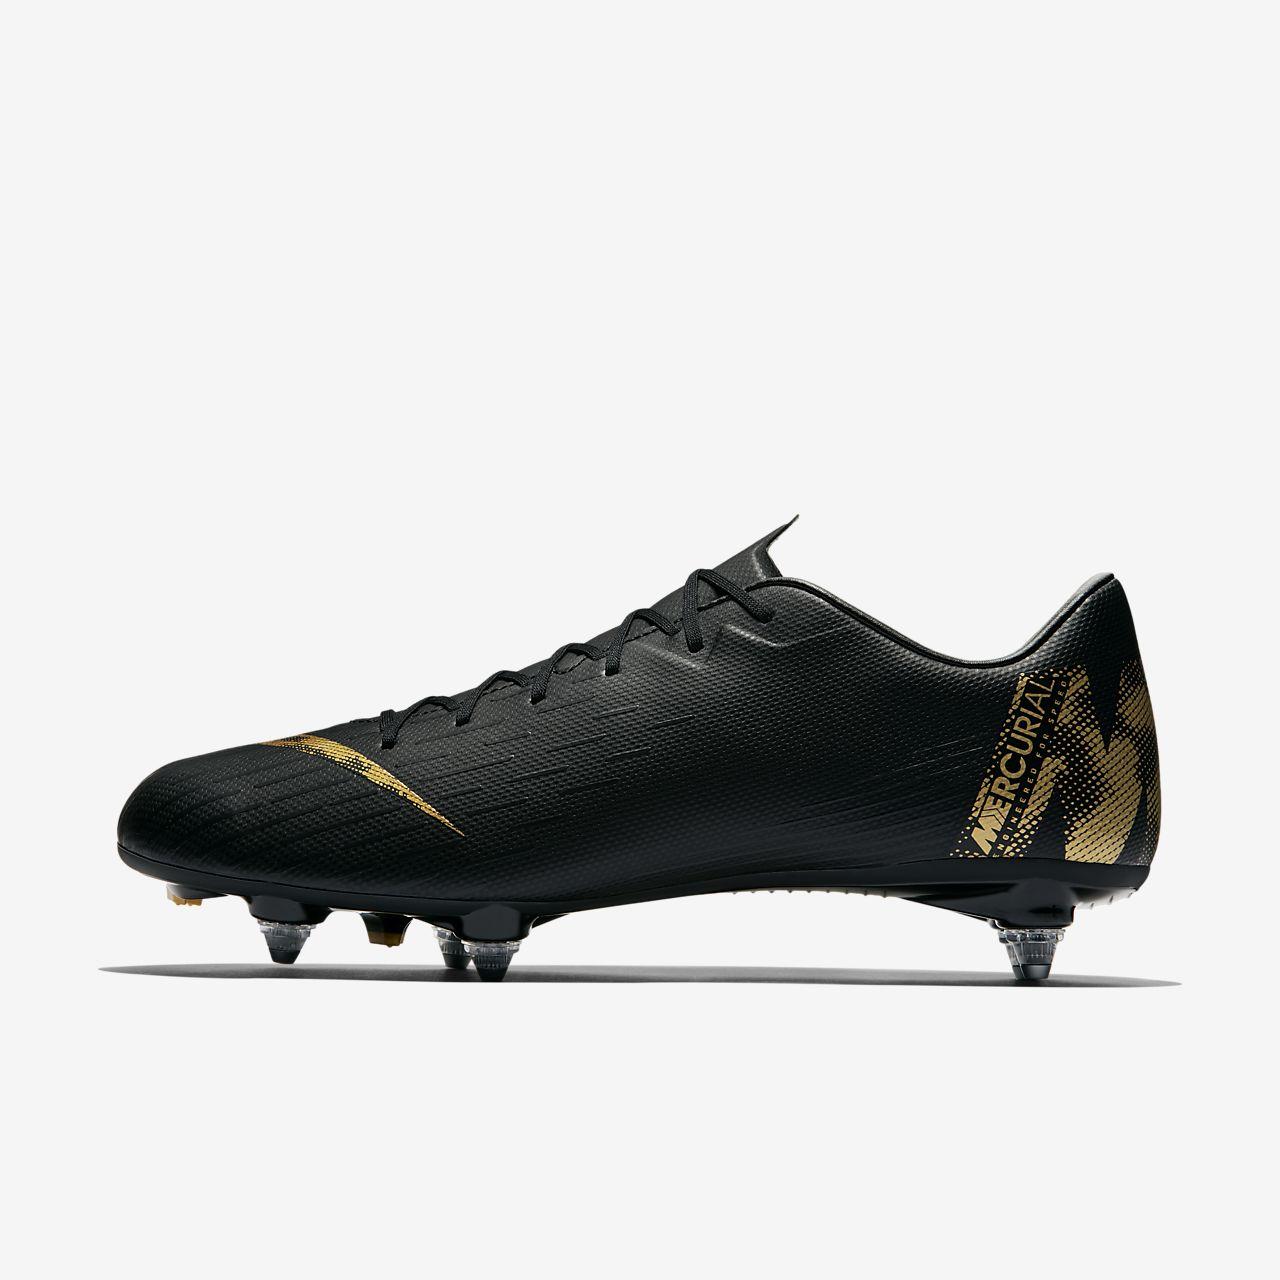 dc23e17db8 ... Chuteiras de futebol para terreno mole Nike Mercurial Vapor XII Academy  SG-PRO